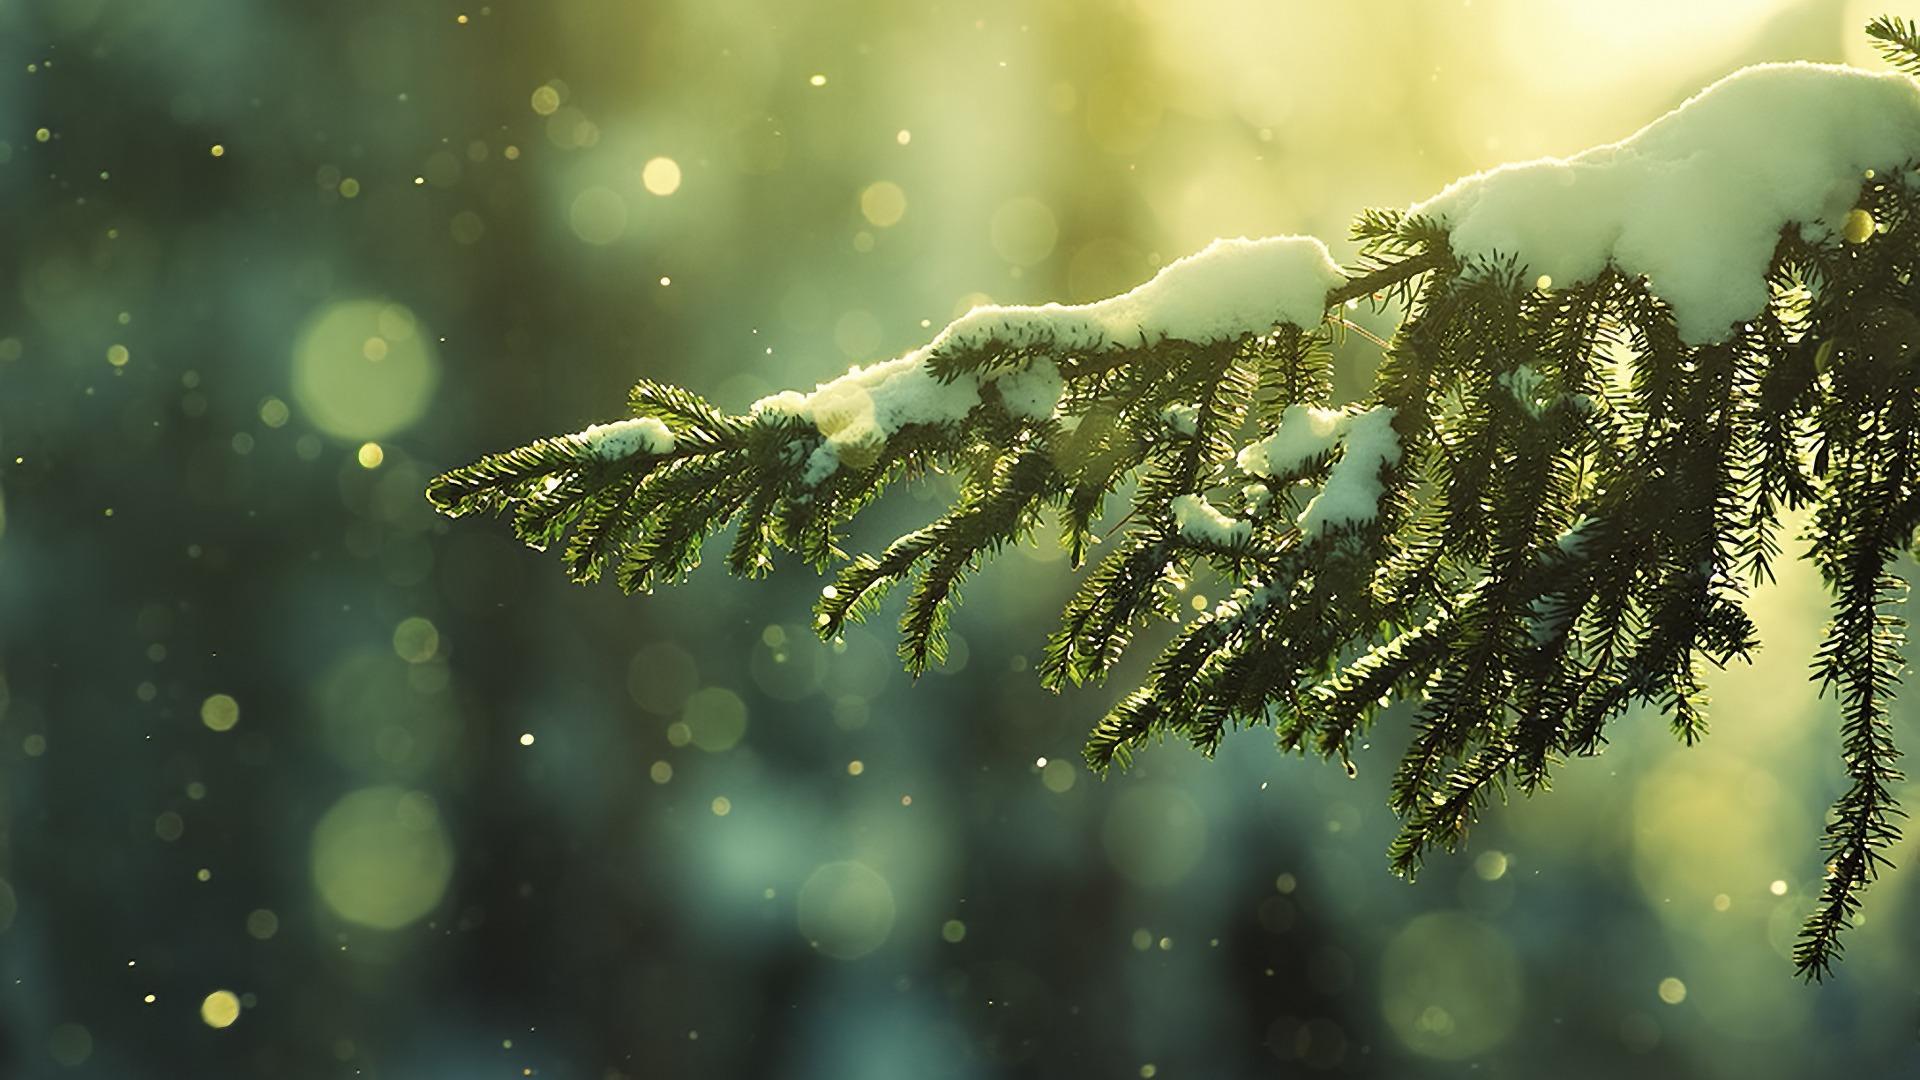 teli_winter_hatterkepek_108